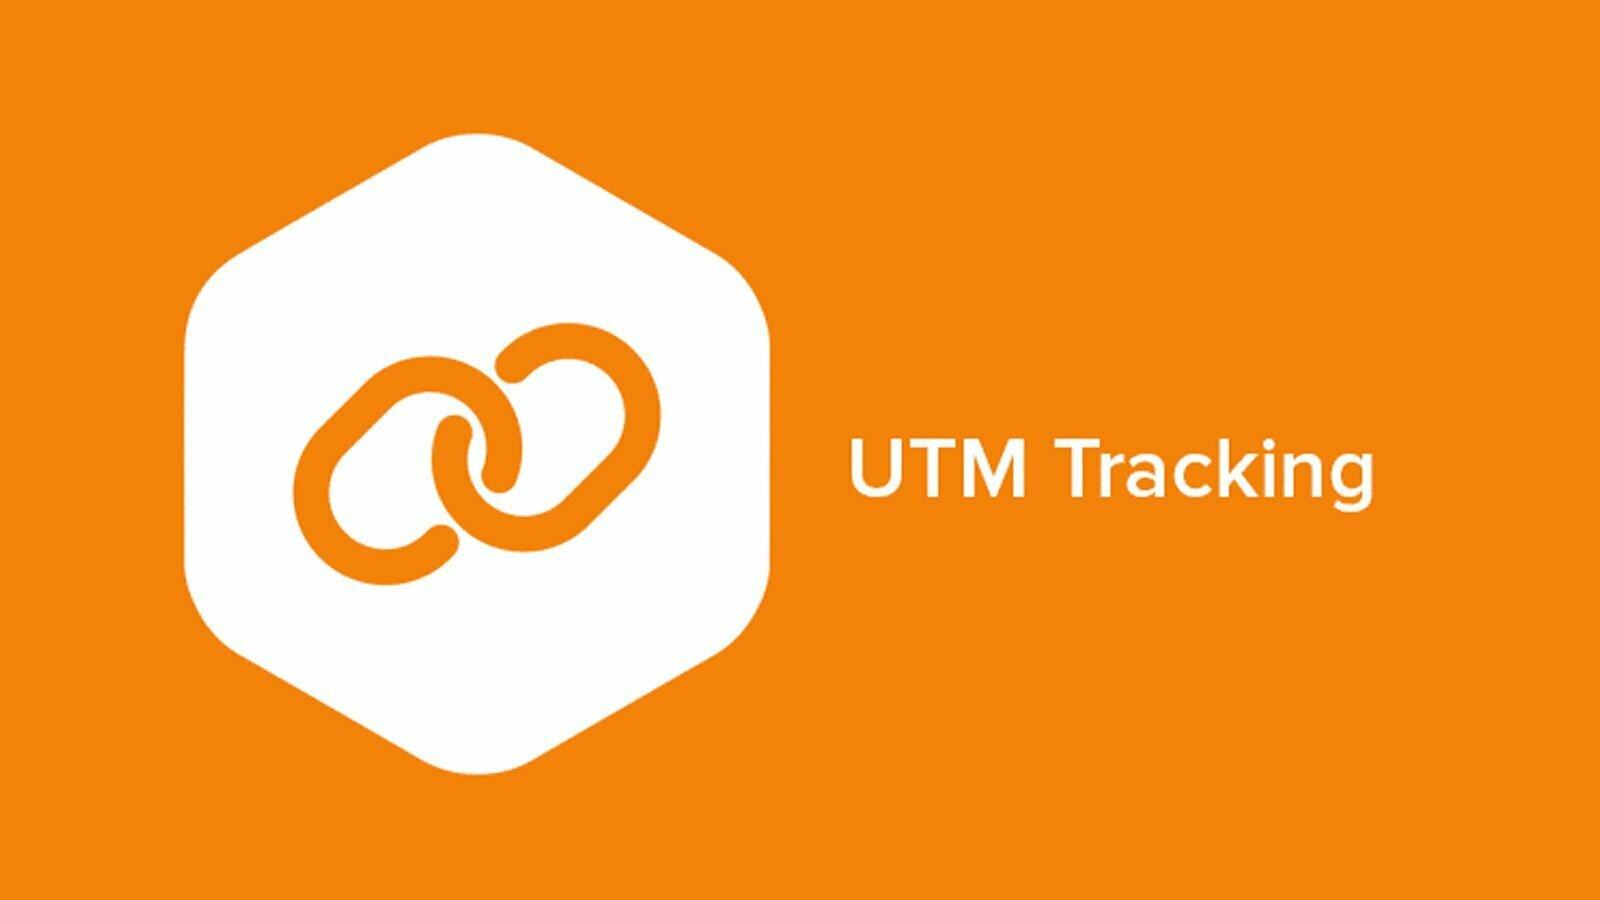 کاربرد و اهمیت UTM